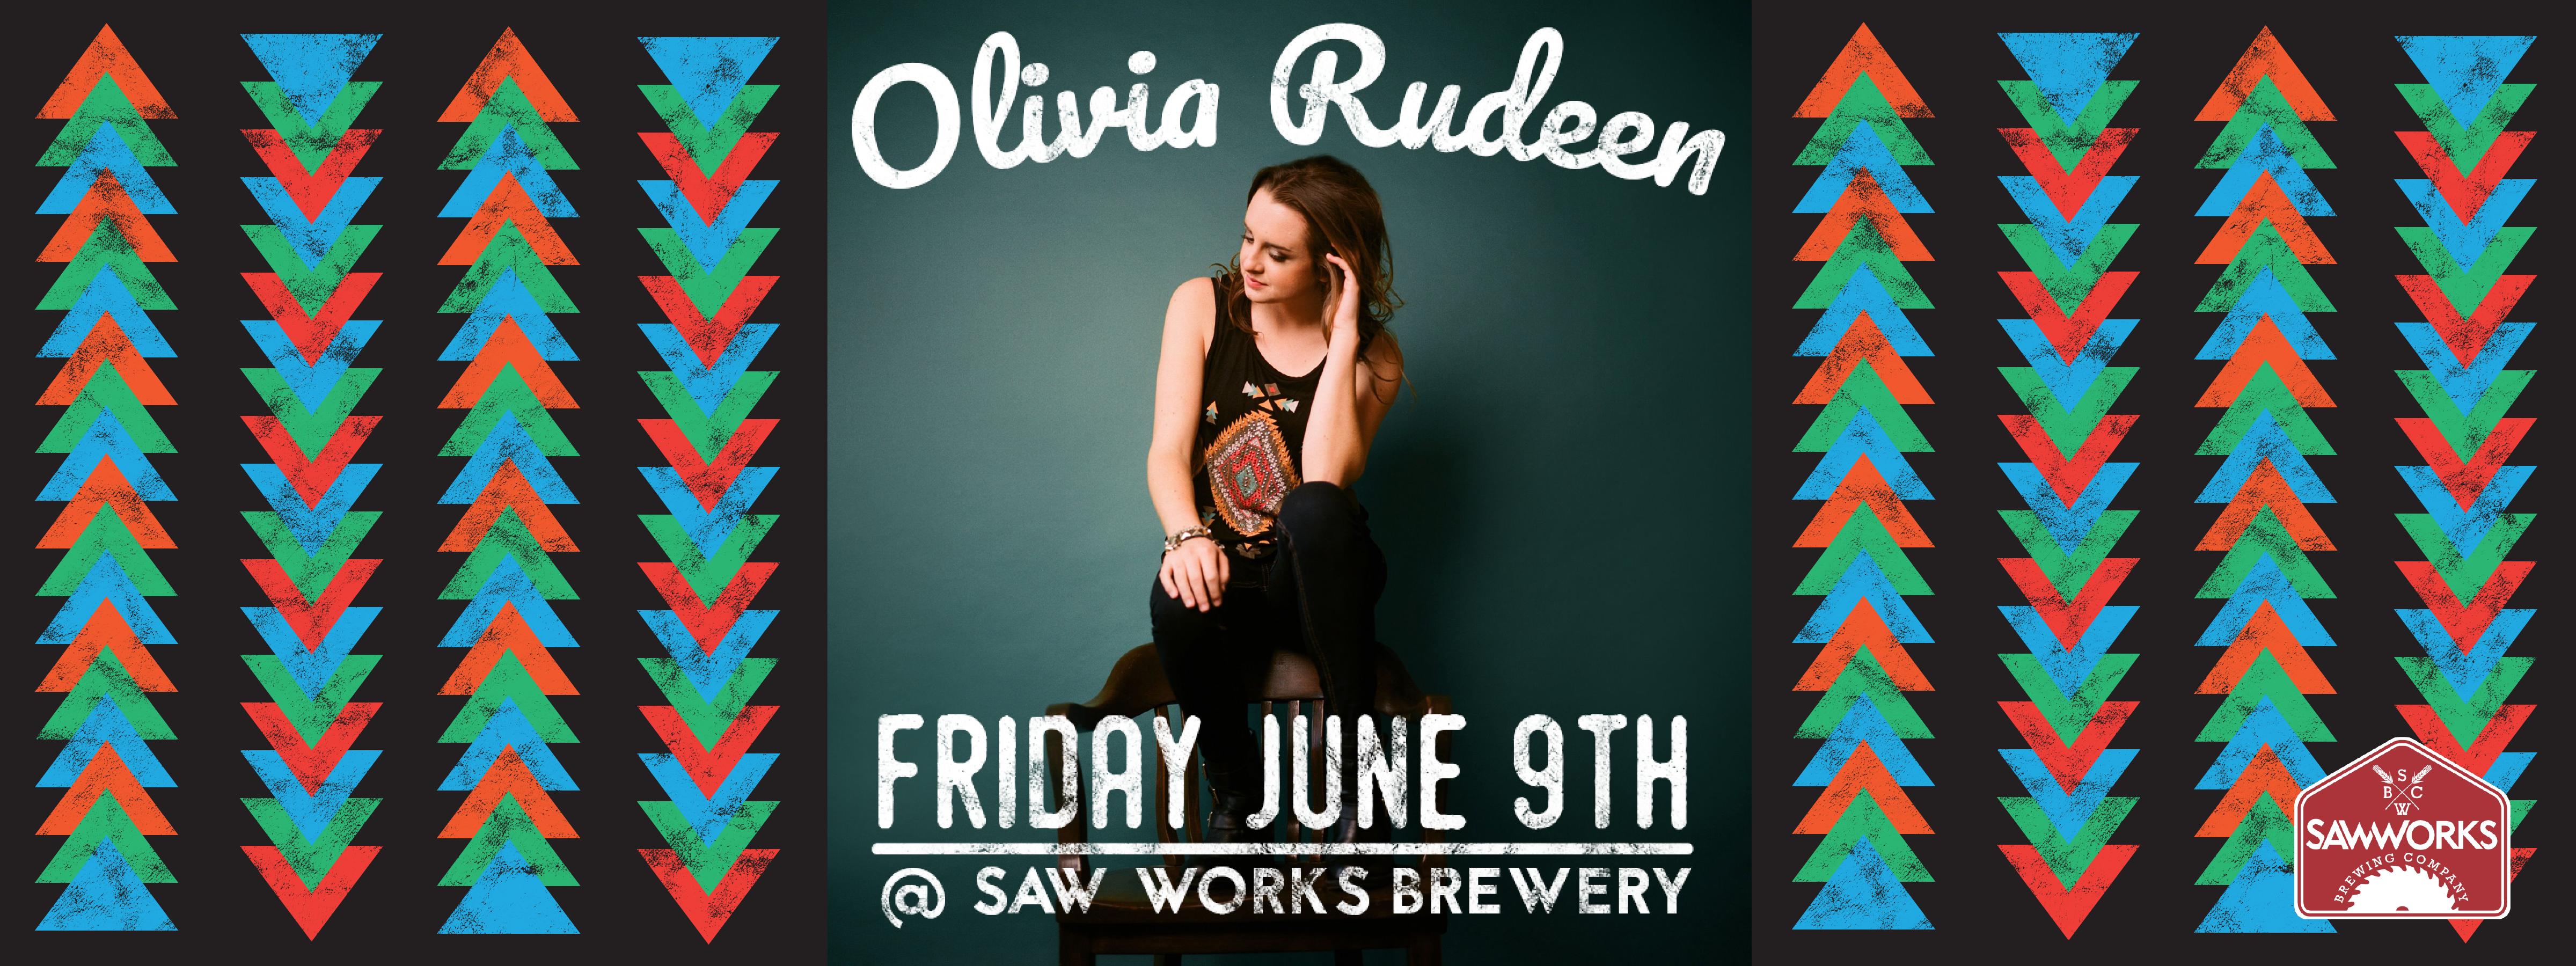 Live Free Concert at SawWorks